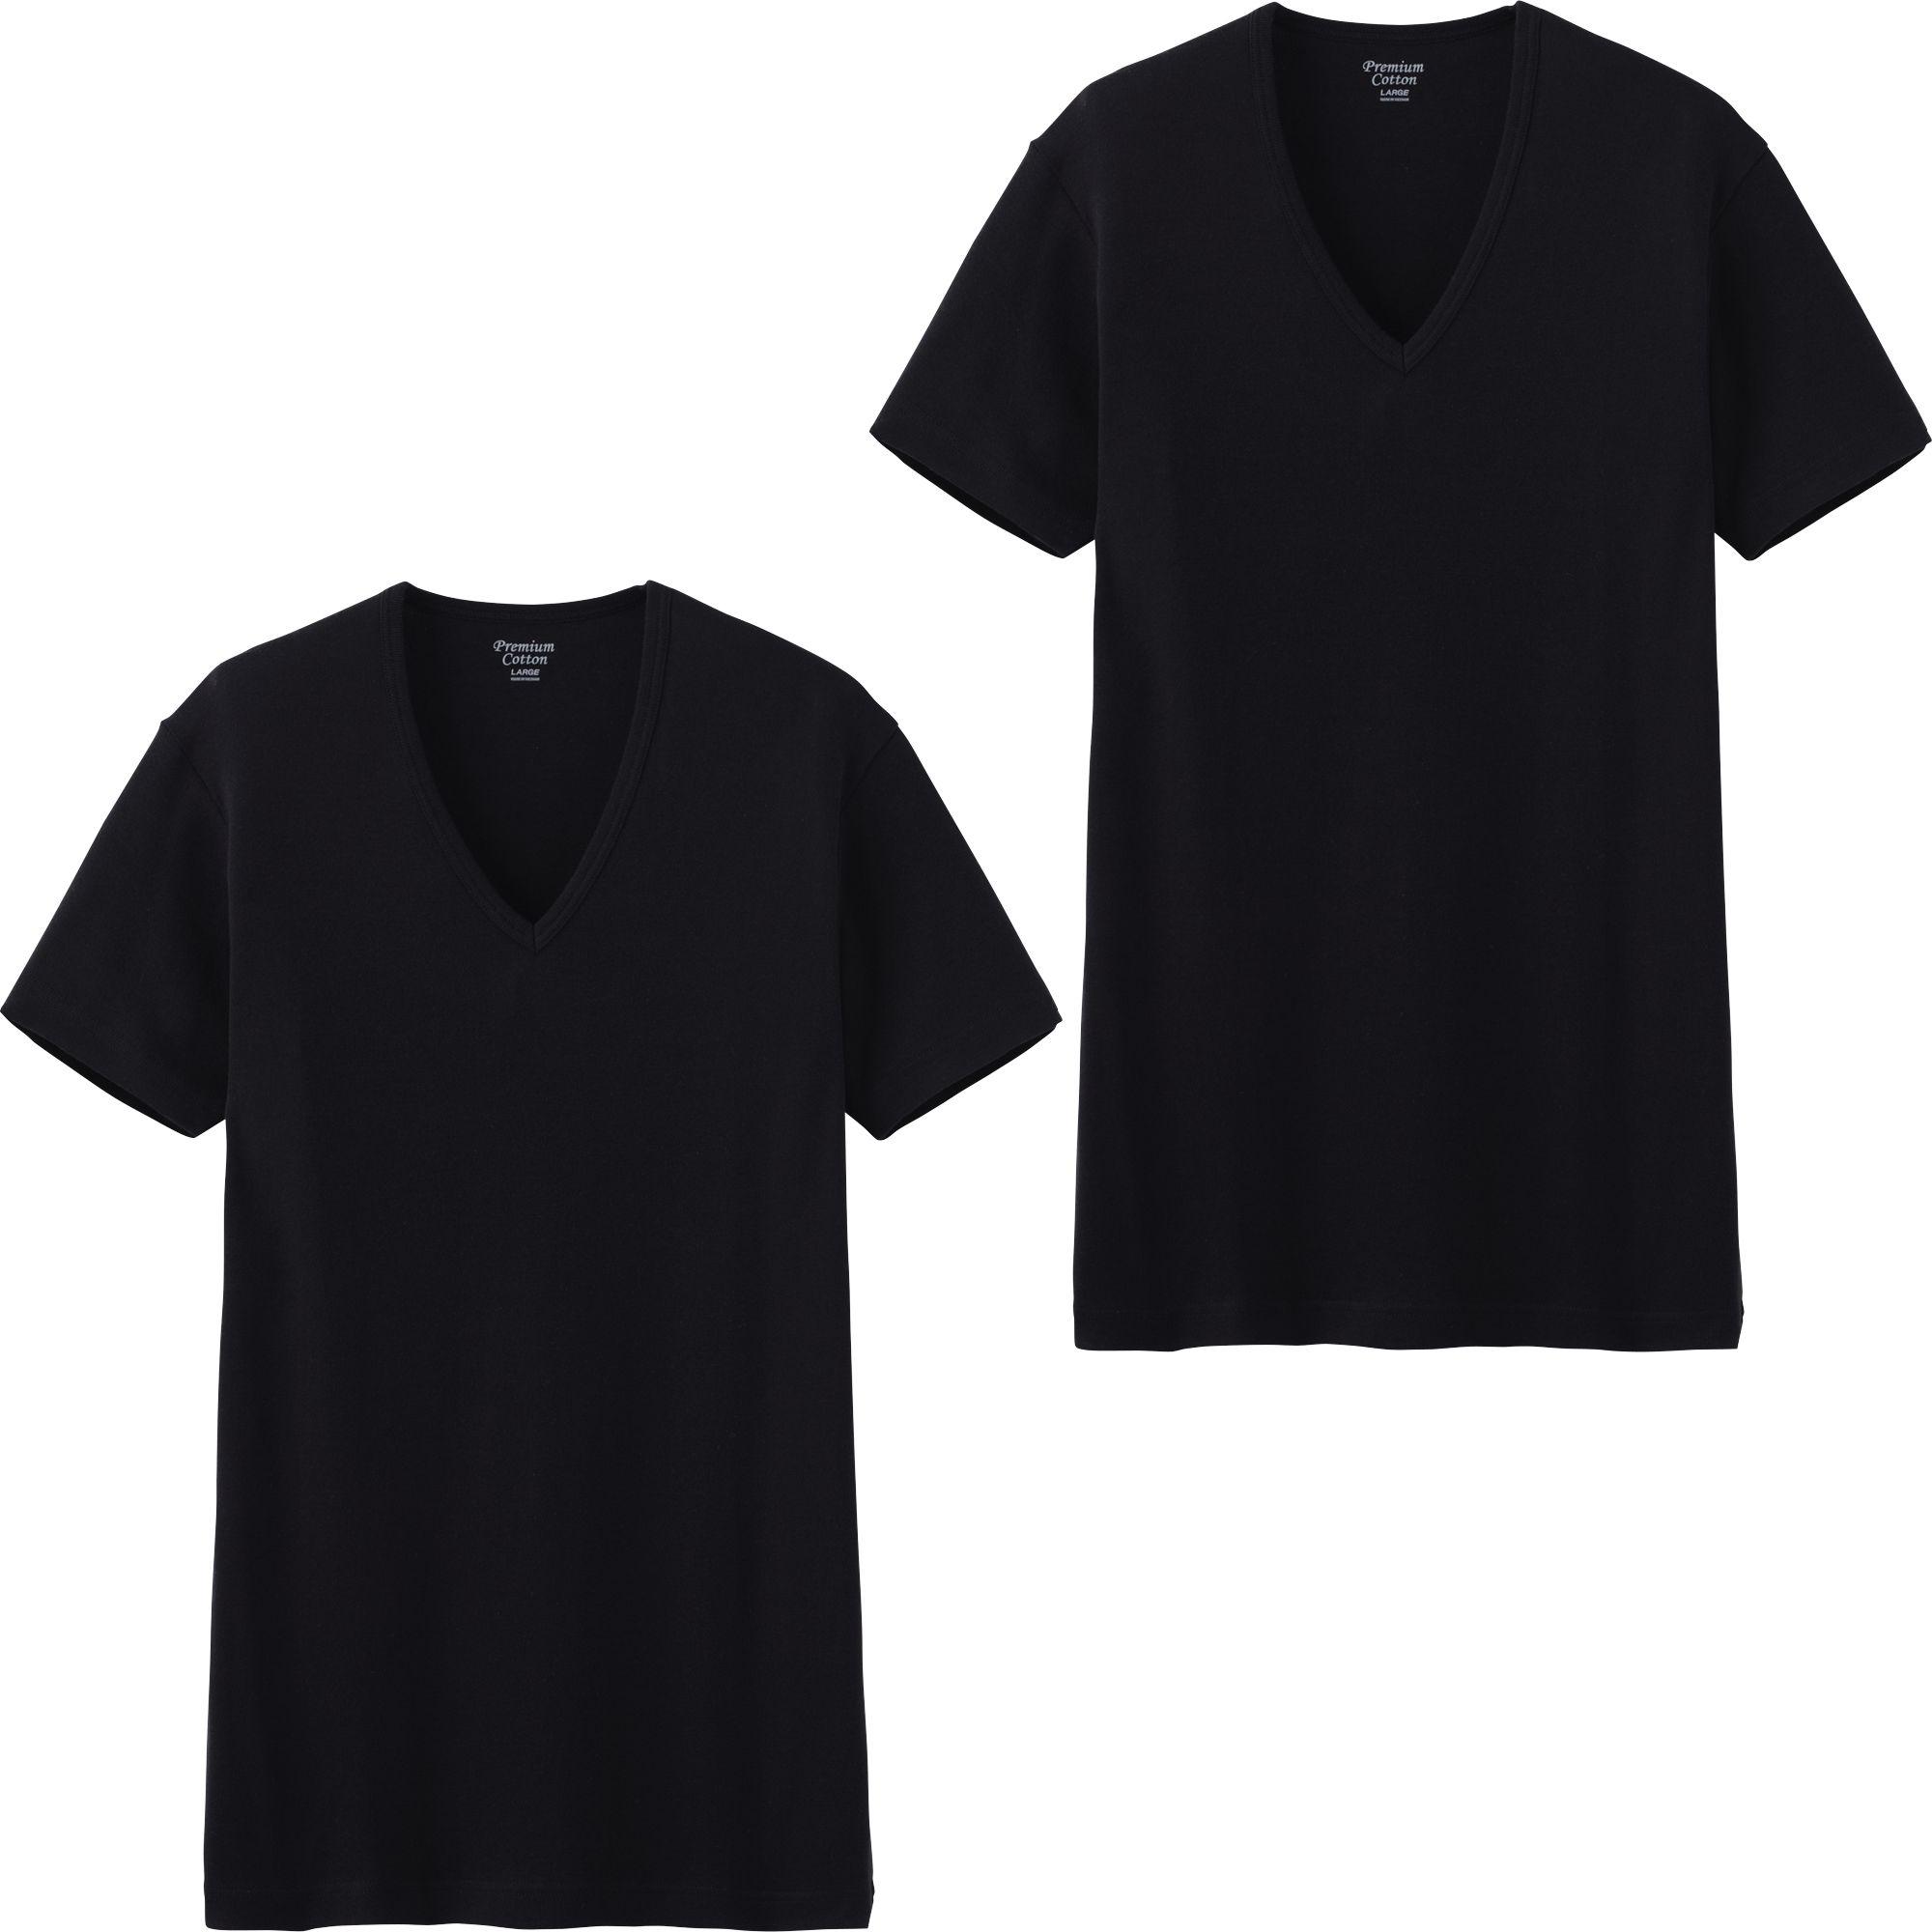 Uniqlo men premium cotton v neck rib short sleeve t shirt for Uniqlo premium t shirt